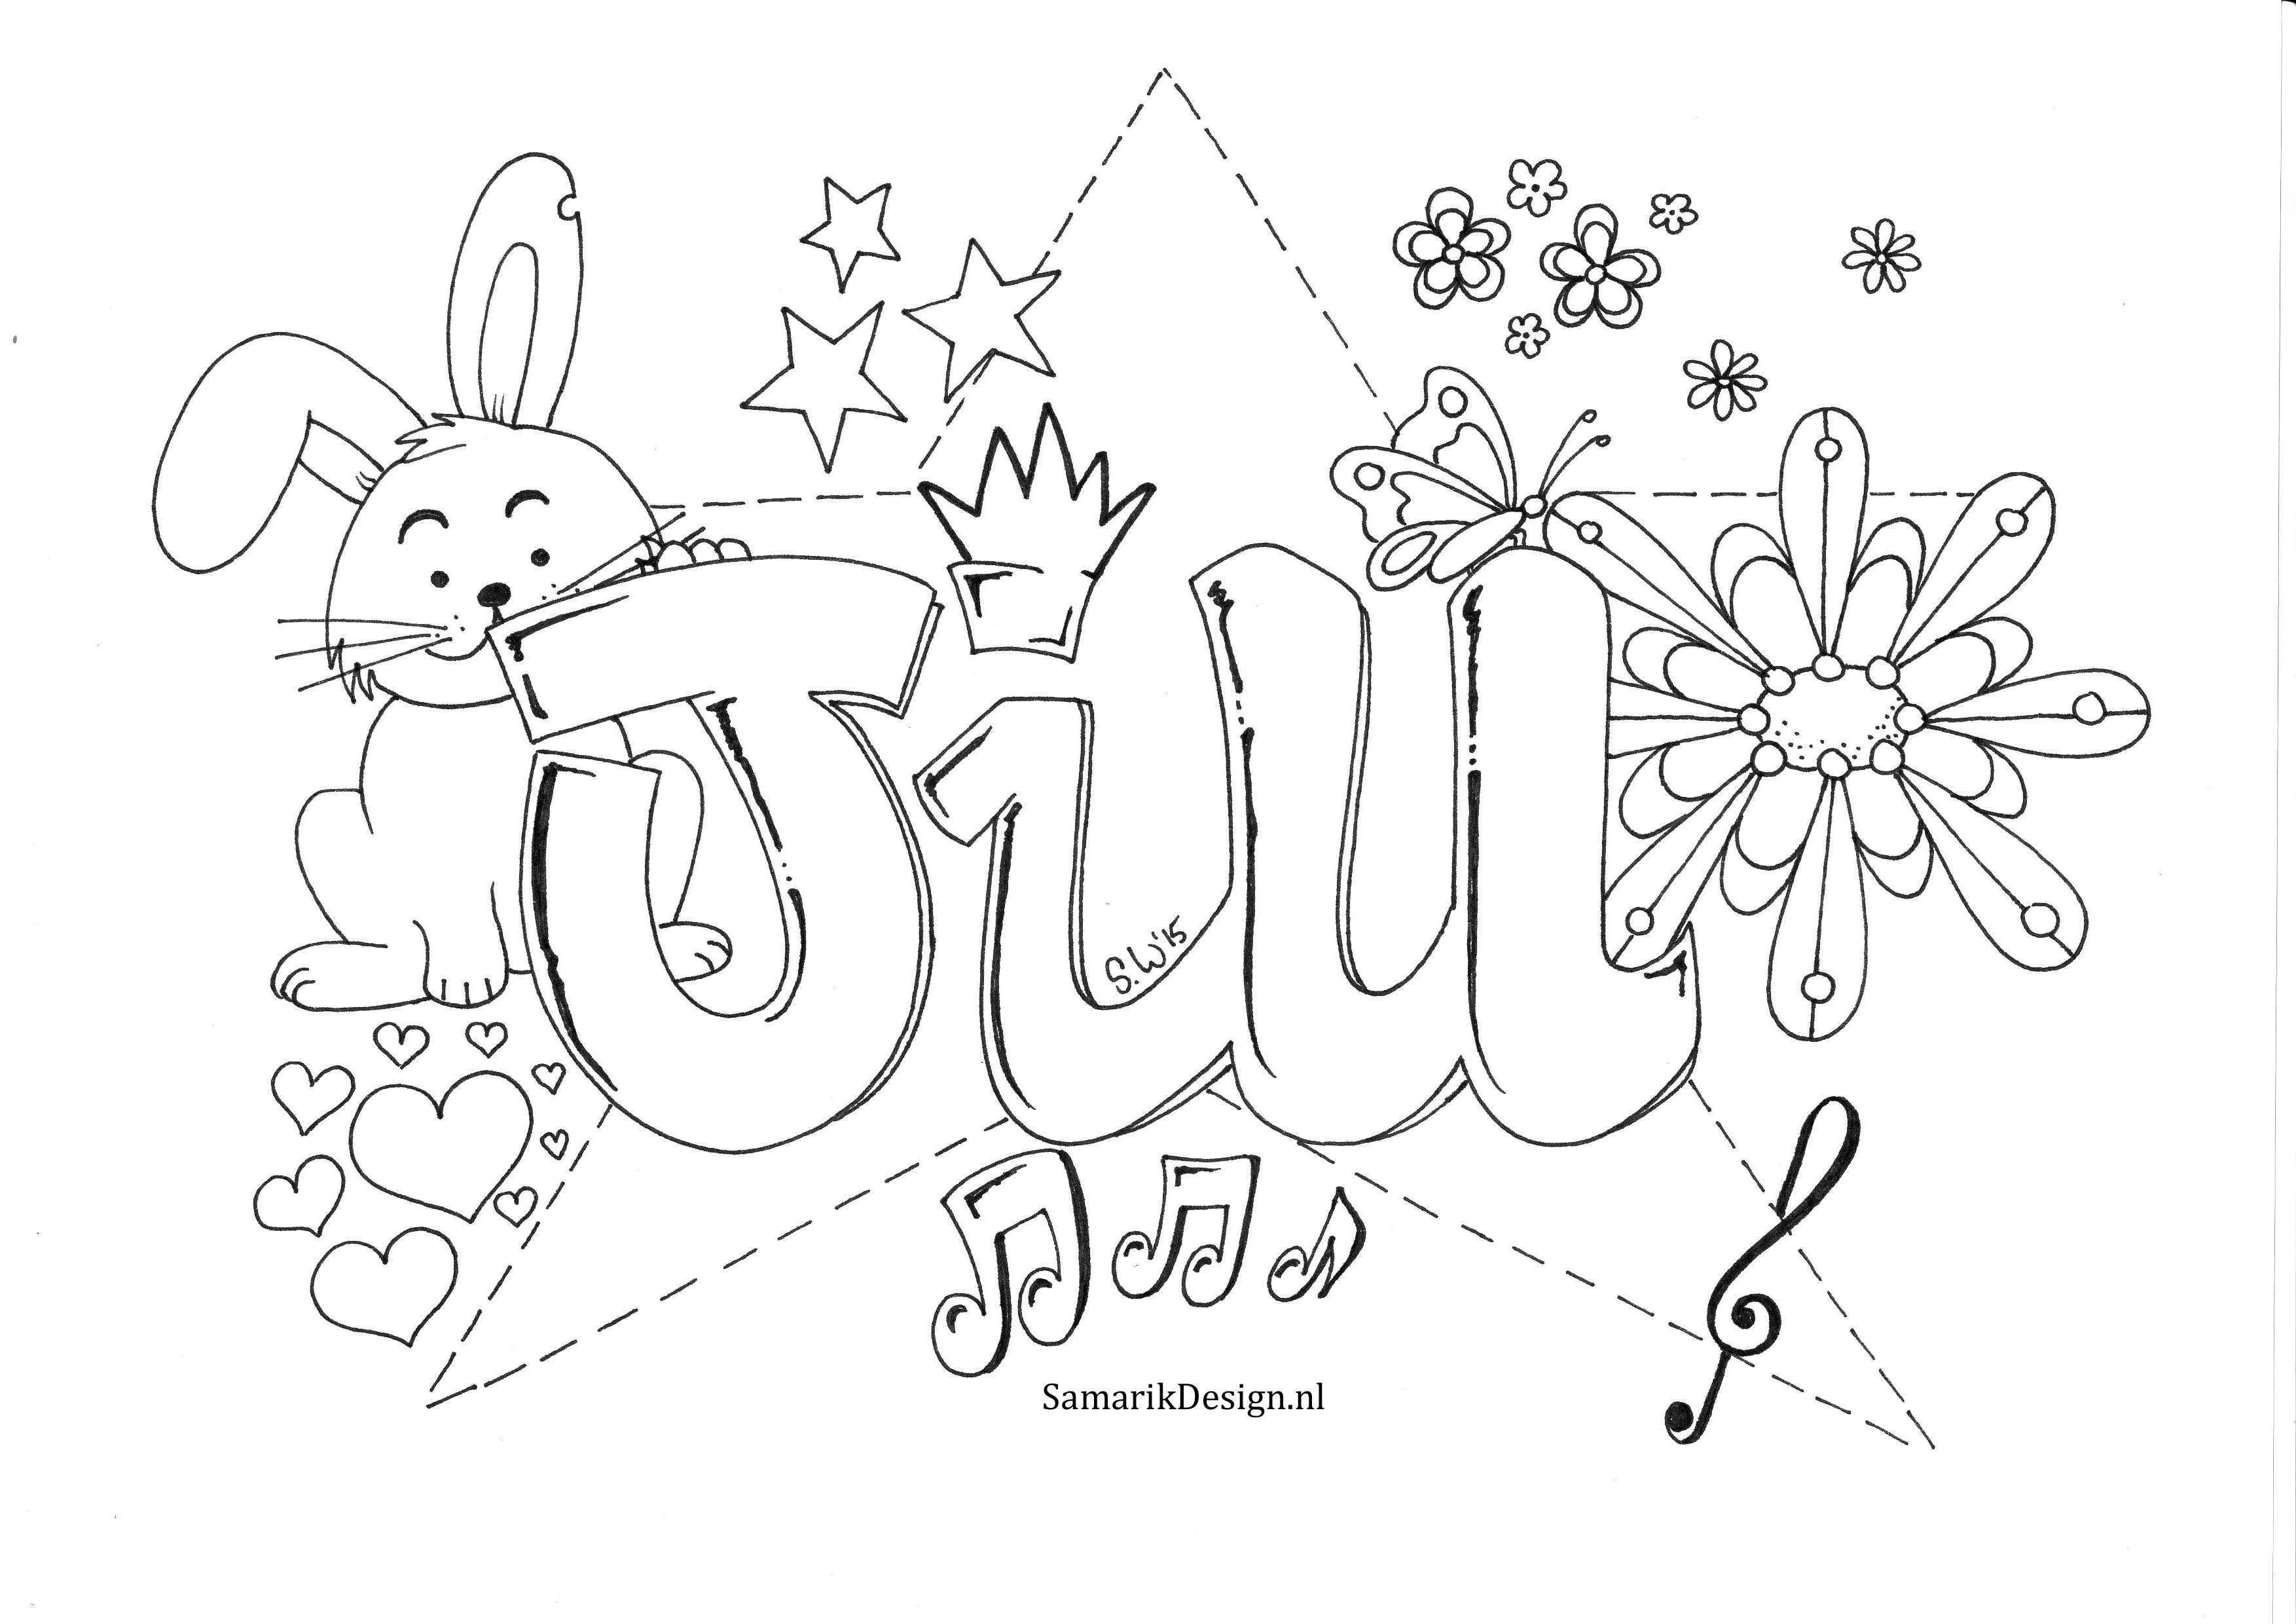 Kleurplaat Voor Volwassenen Jill Kleurplaten Kleurplaten Voor Volwassenen Knutselen